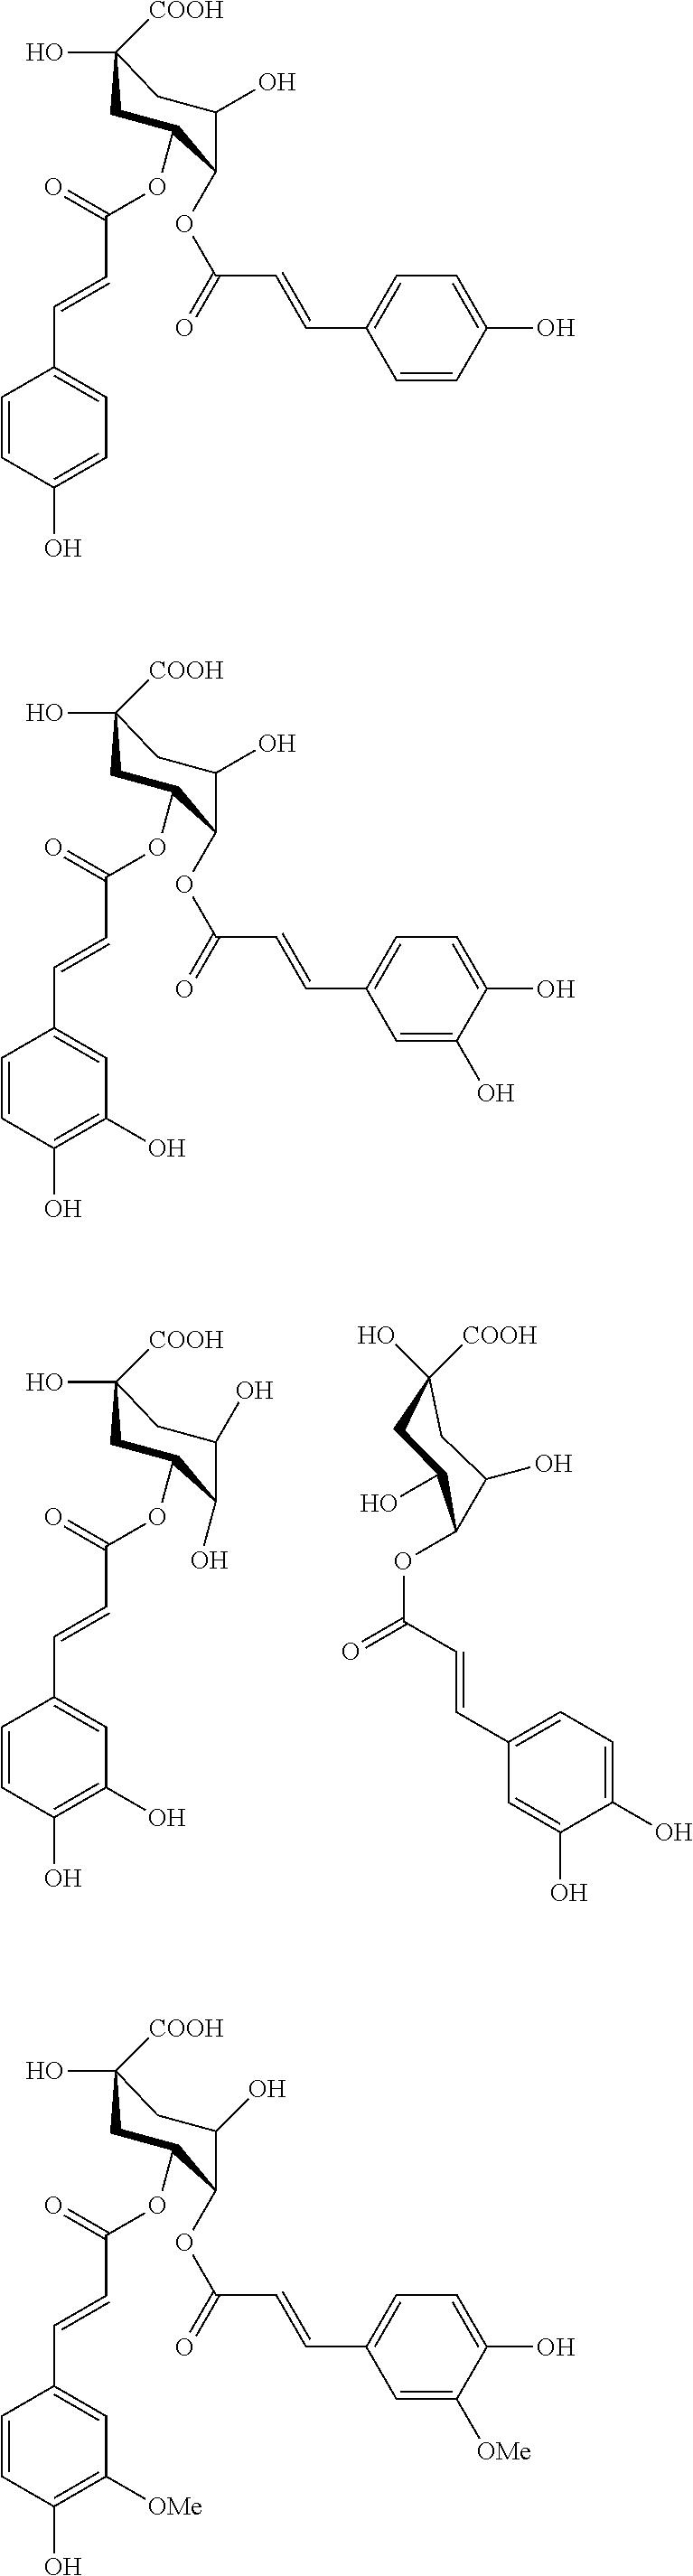 Figure US09962344-20180508-C00151